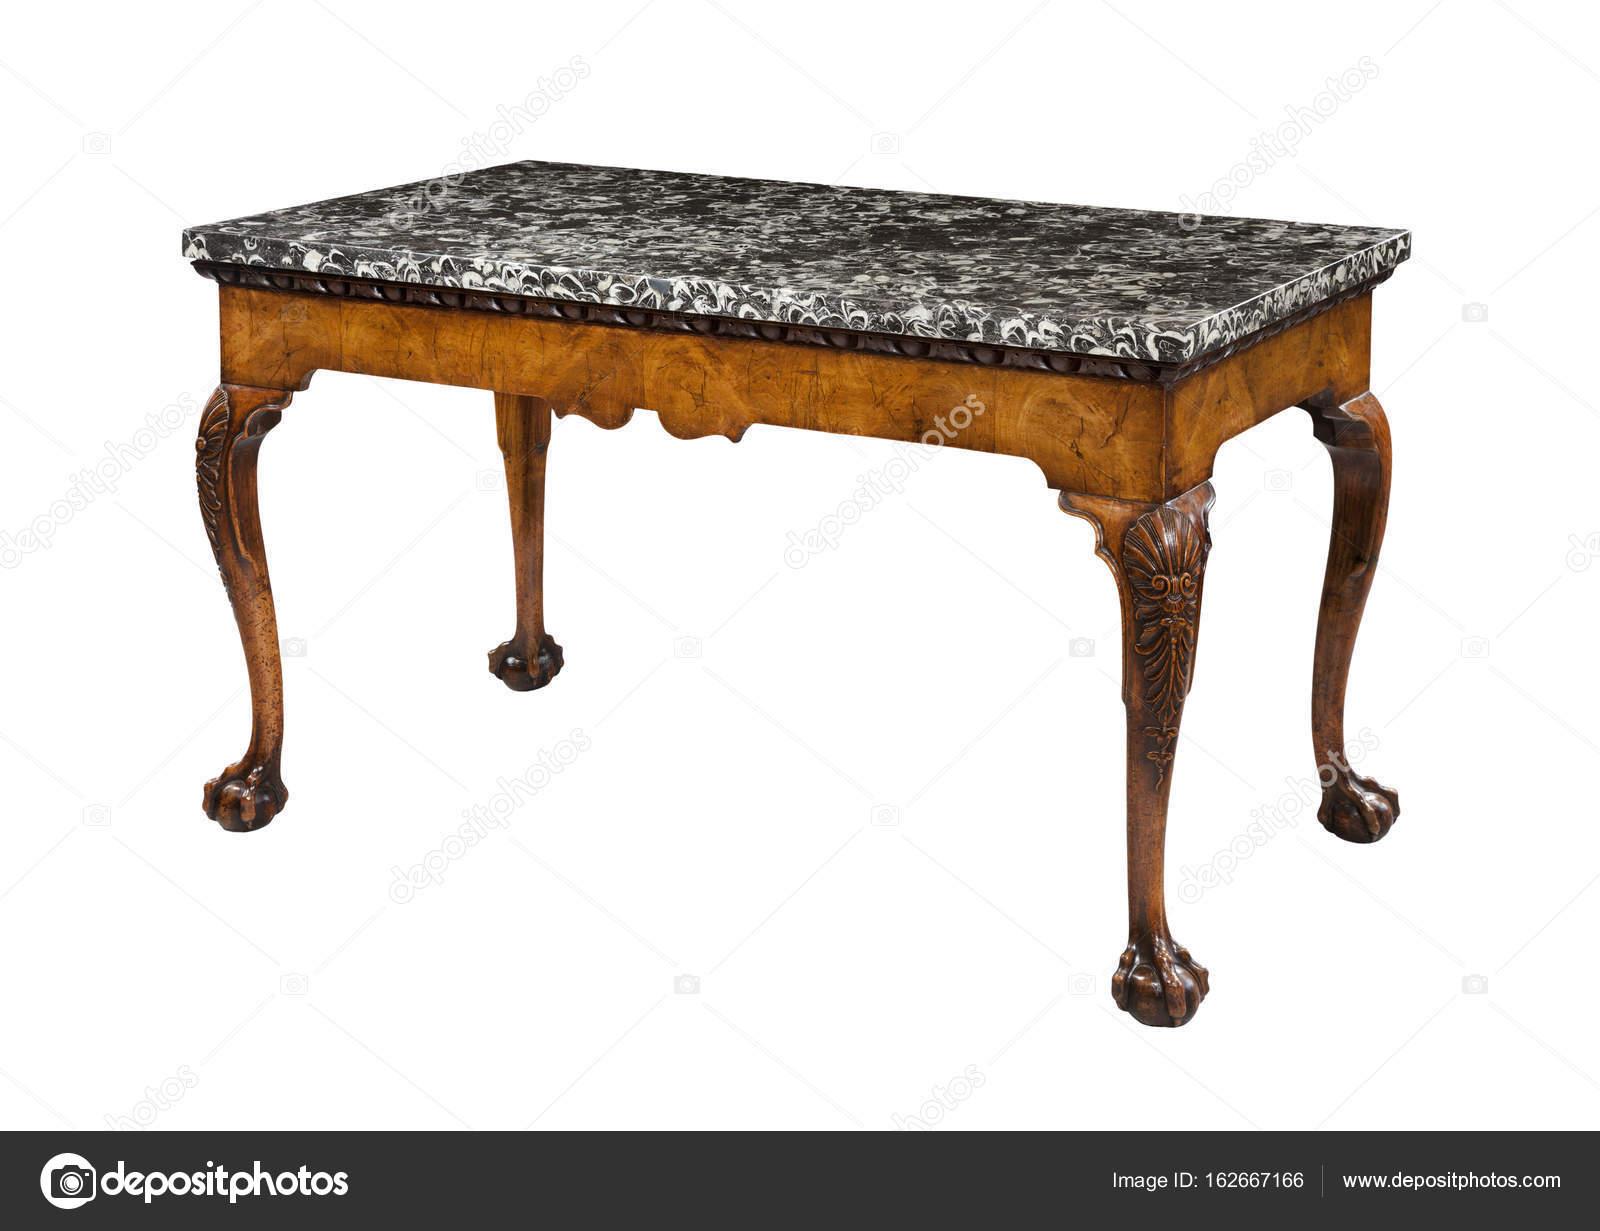 Antieke Bijzettafel Met Marmeren Blad.Tabel Met Marmeren Blad Stockfoto C Jak30 162667166